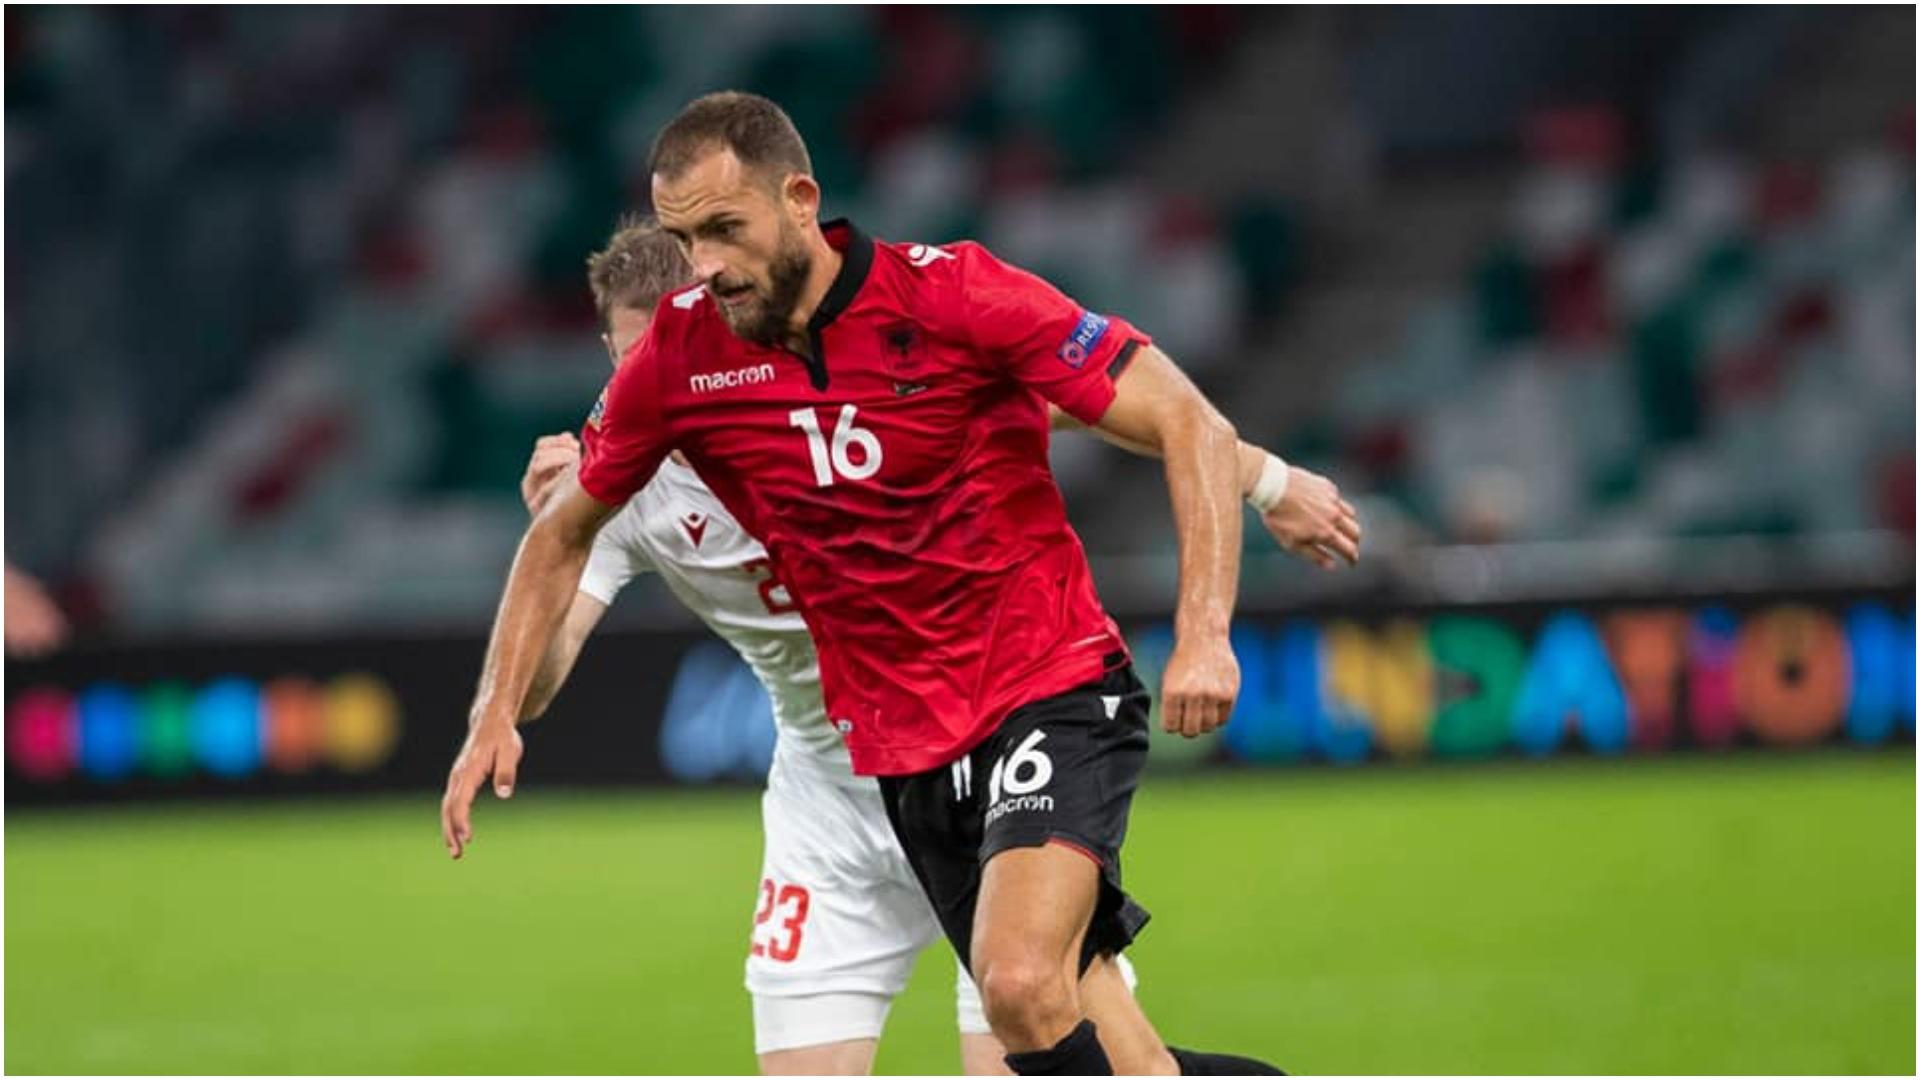 FSHF kërkoi ndryshimin e stadiumit, ku do të luhet Shqipëri-Bjellorusi